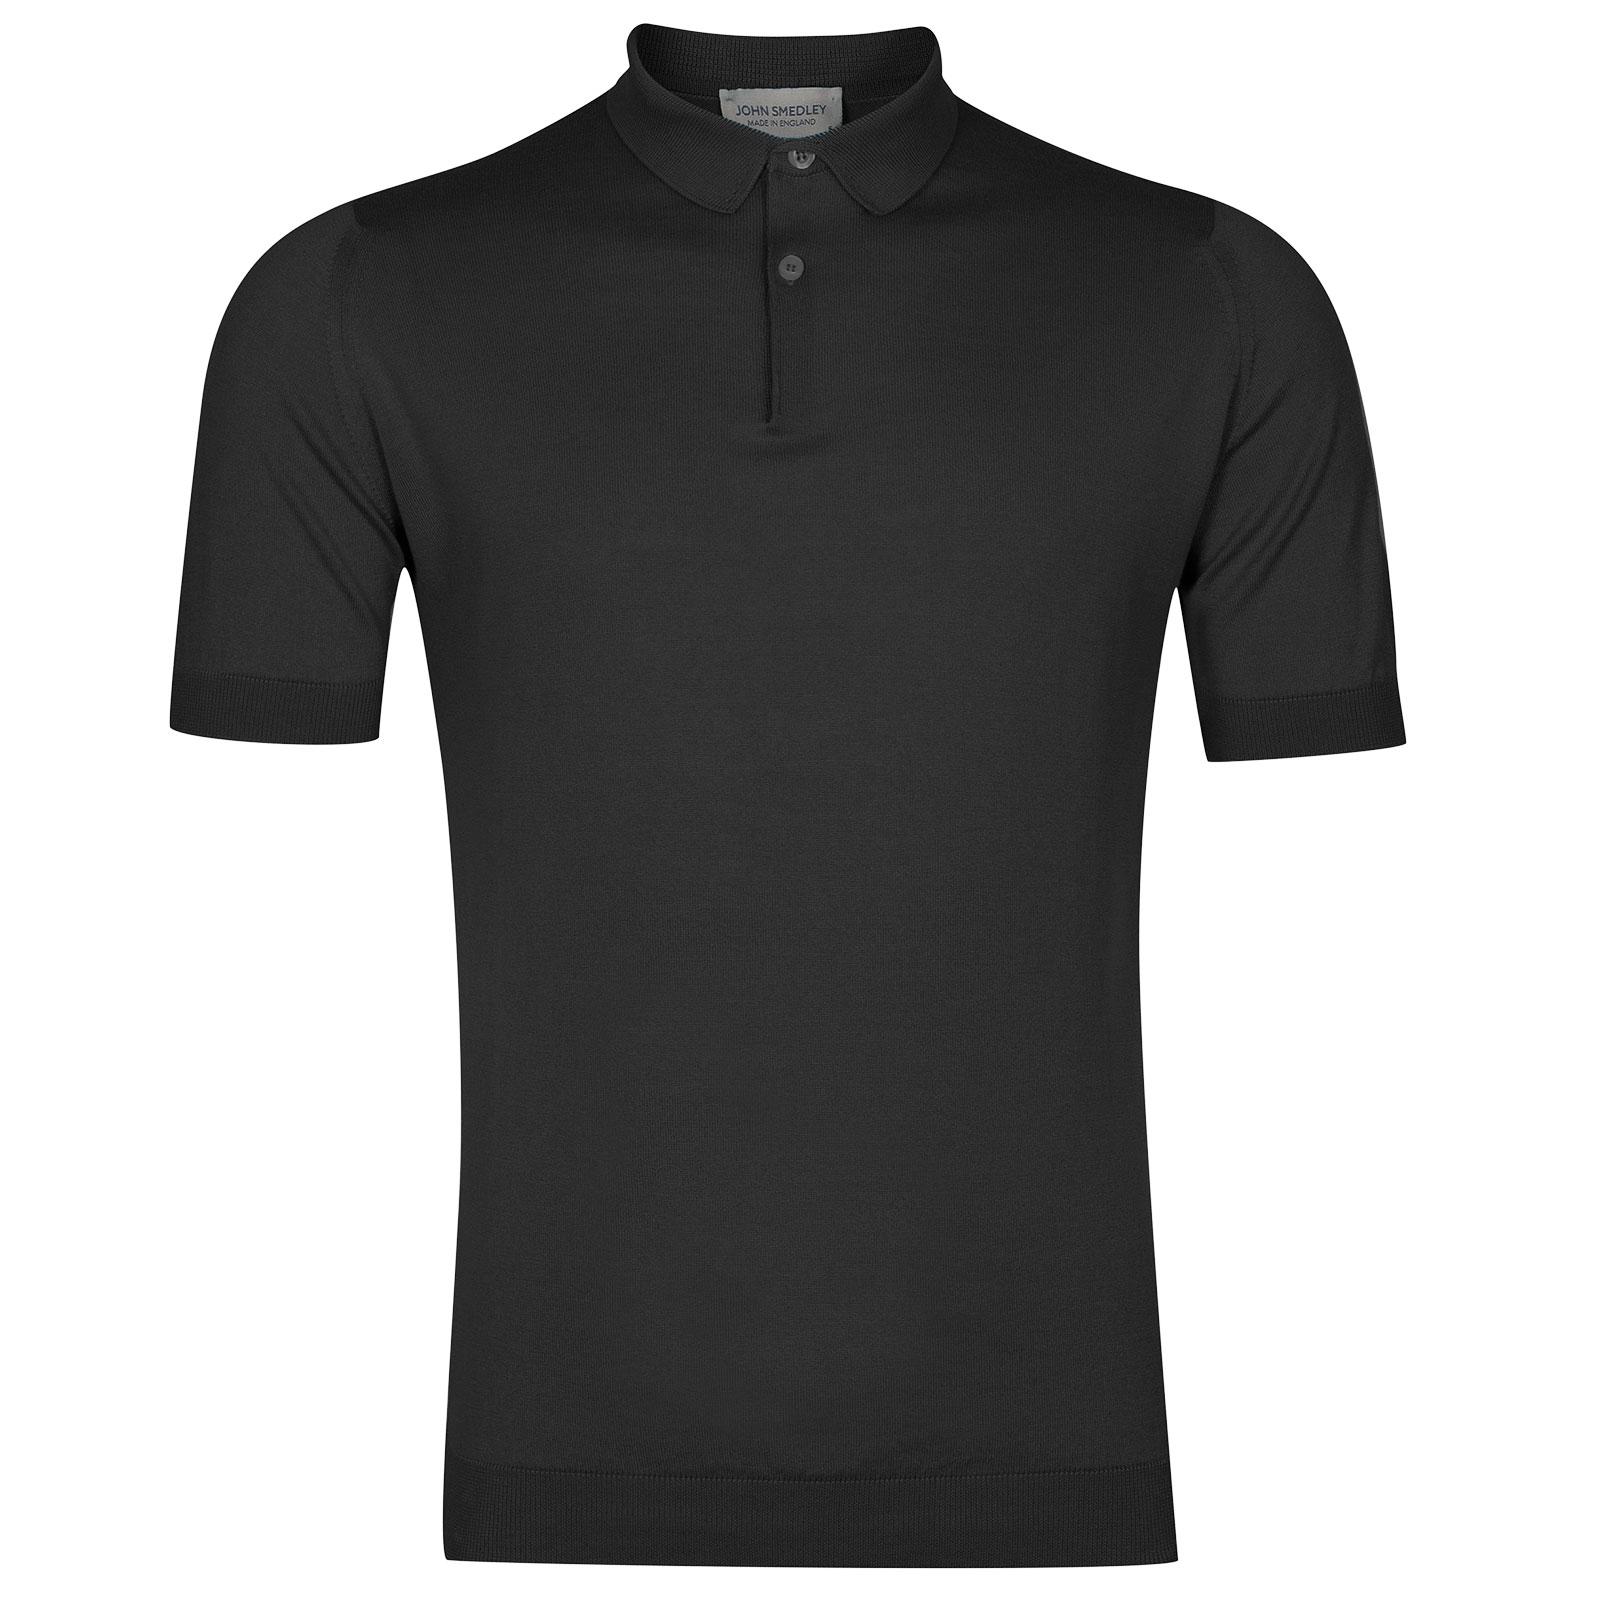 John Smedley Rhodes Sea Island Cotton Shirt in Flannel Grey-M